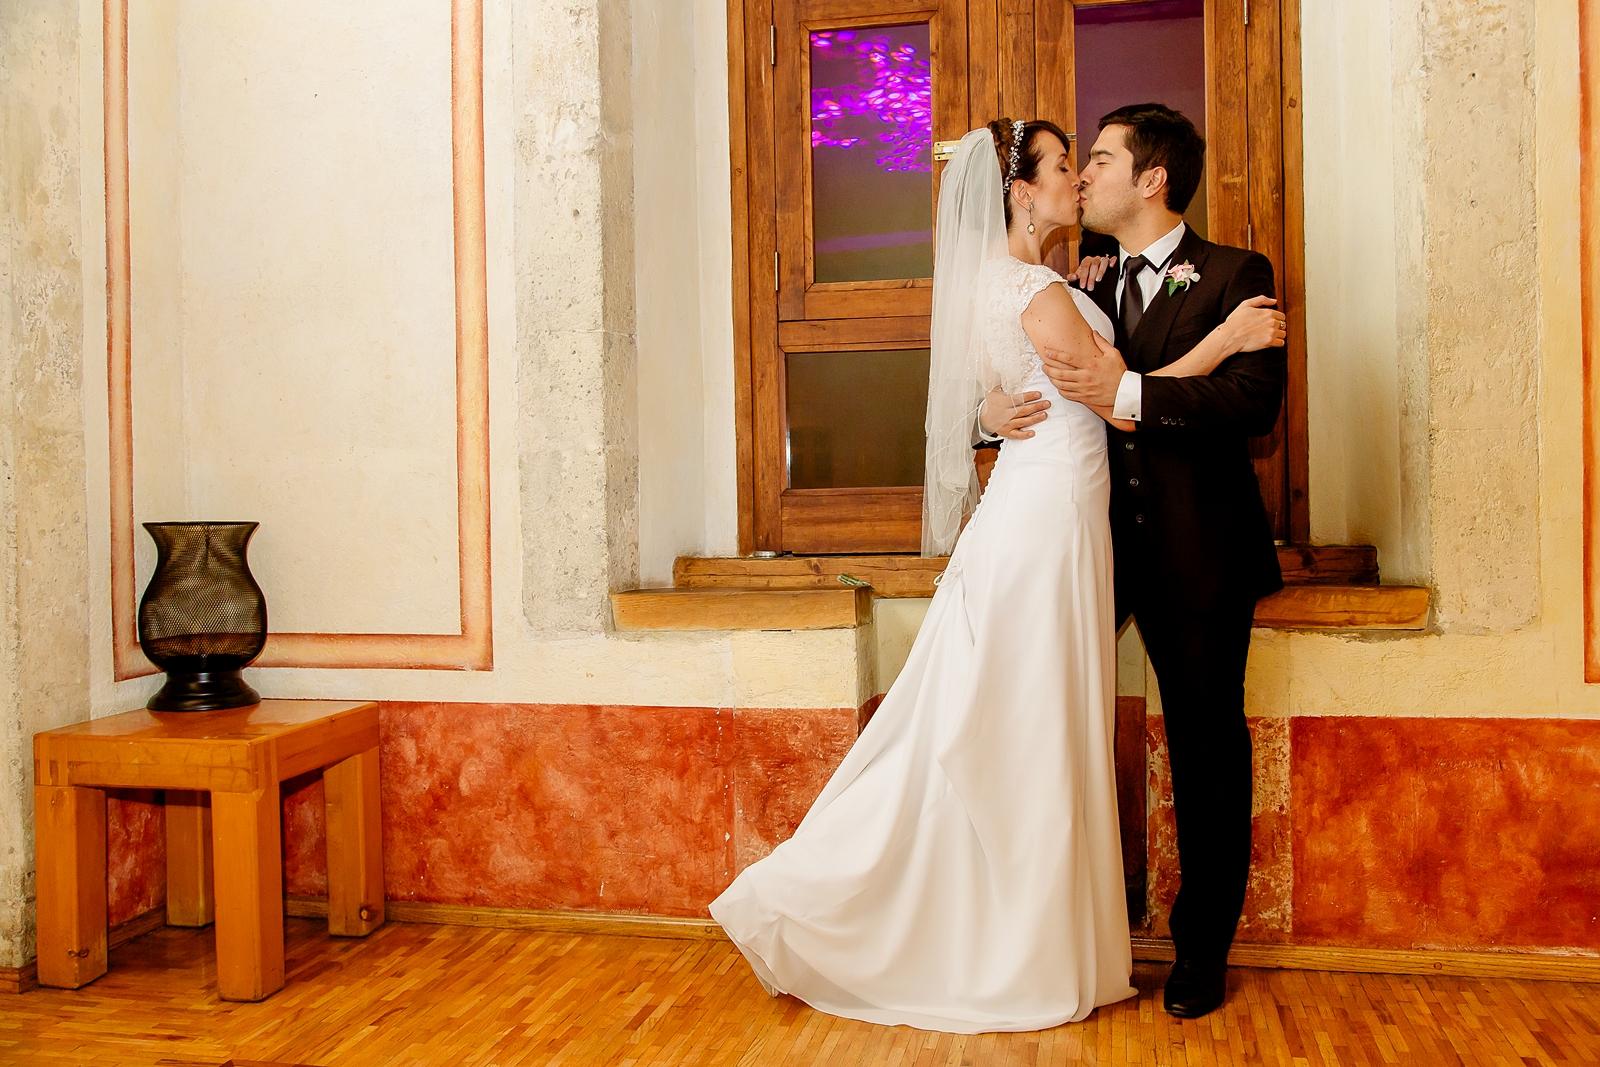 boda190914-051vm